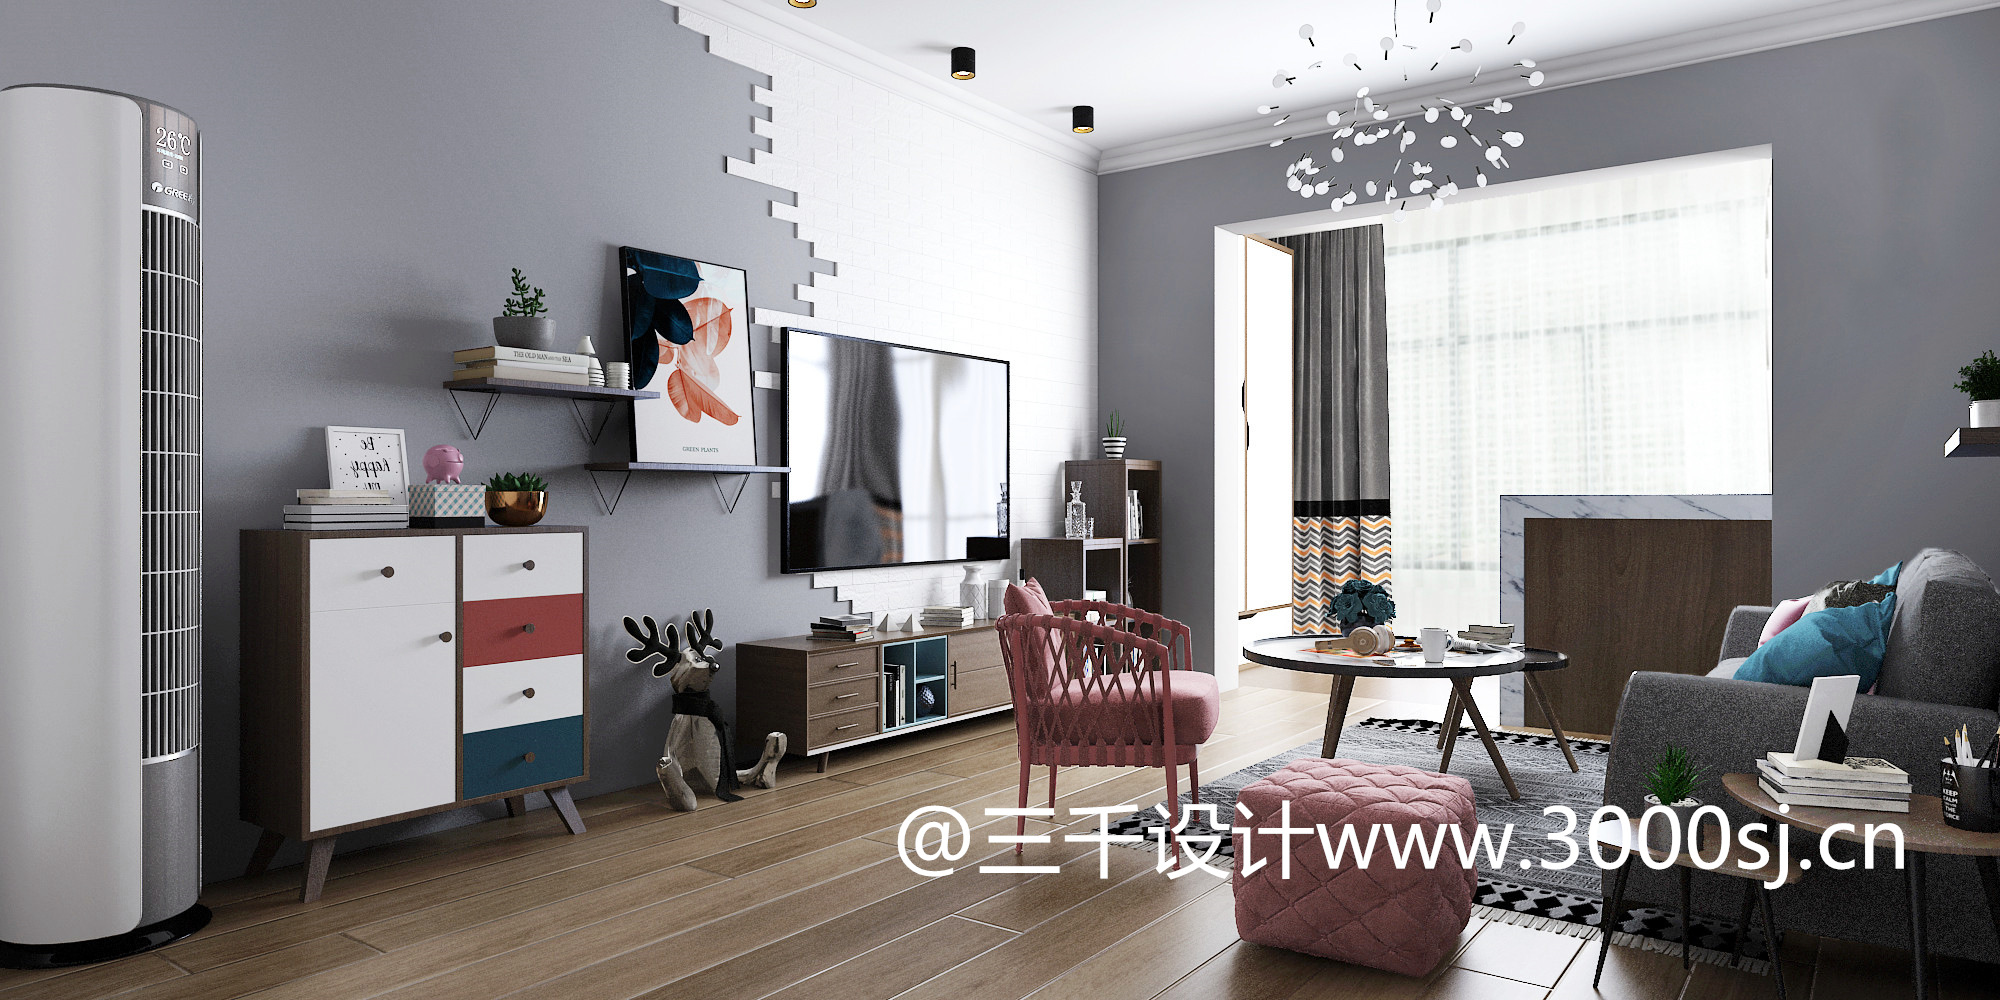 鄱阳装修设计--家装北欧风格